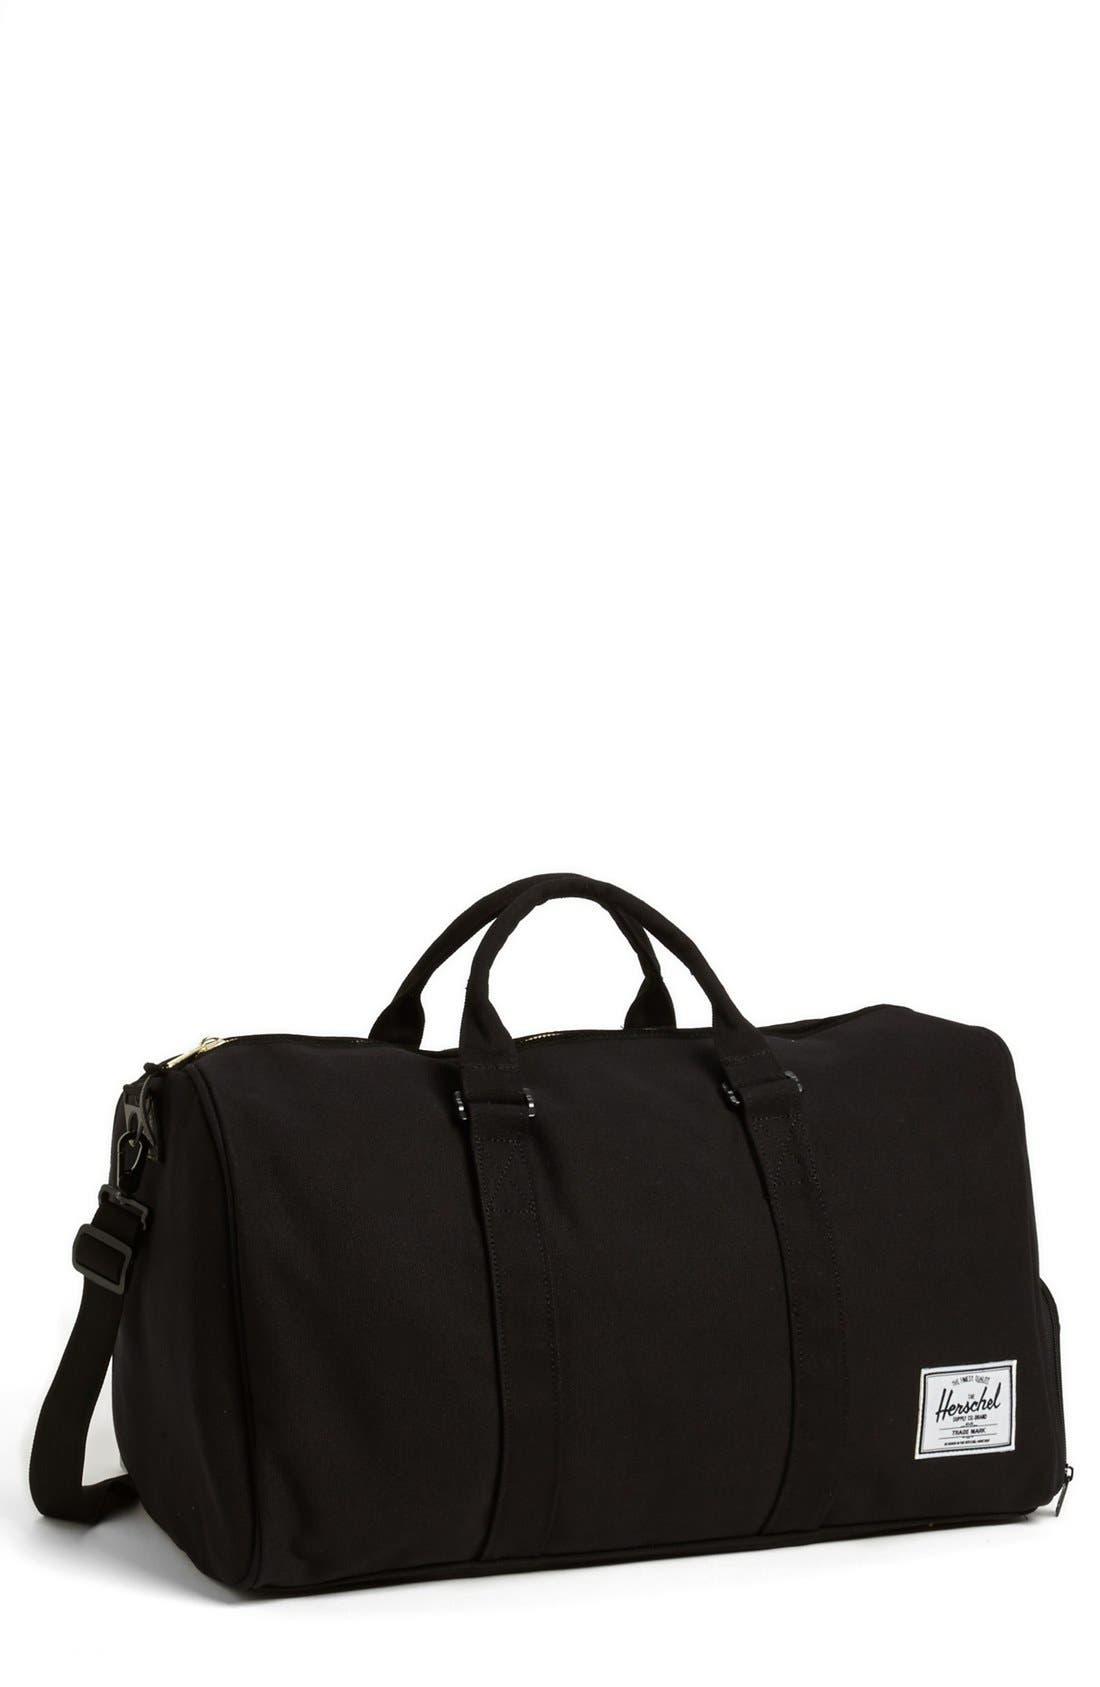 Main Image - Herschel Supply Co. 'Novel' Canvas Duffel Bag